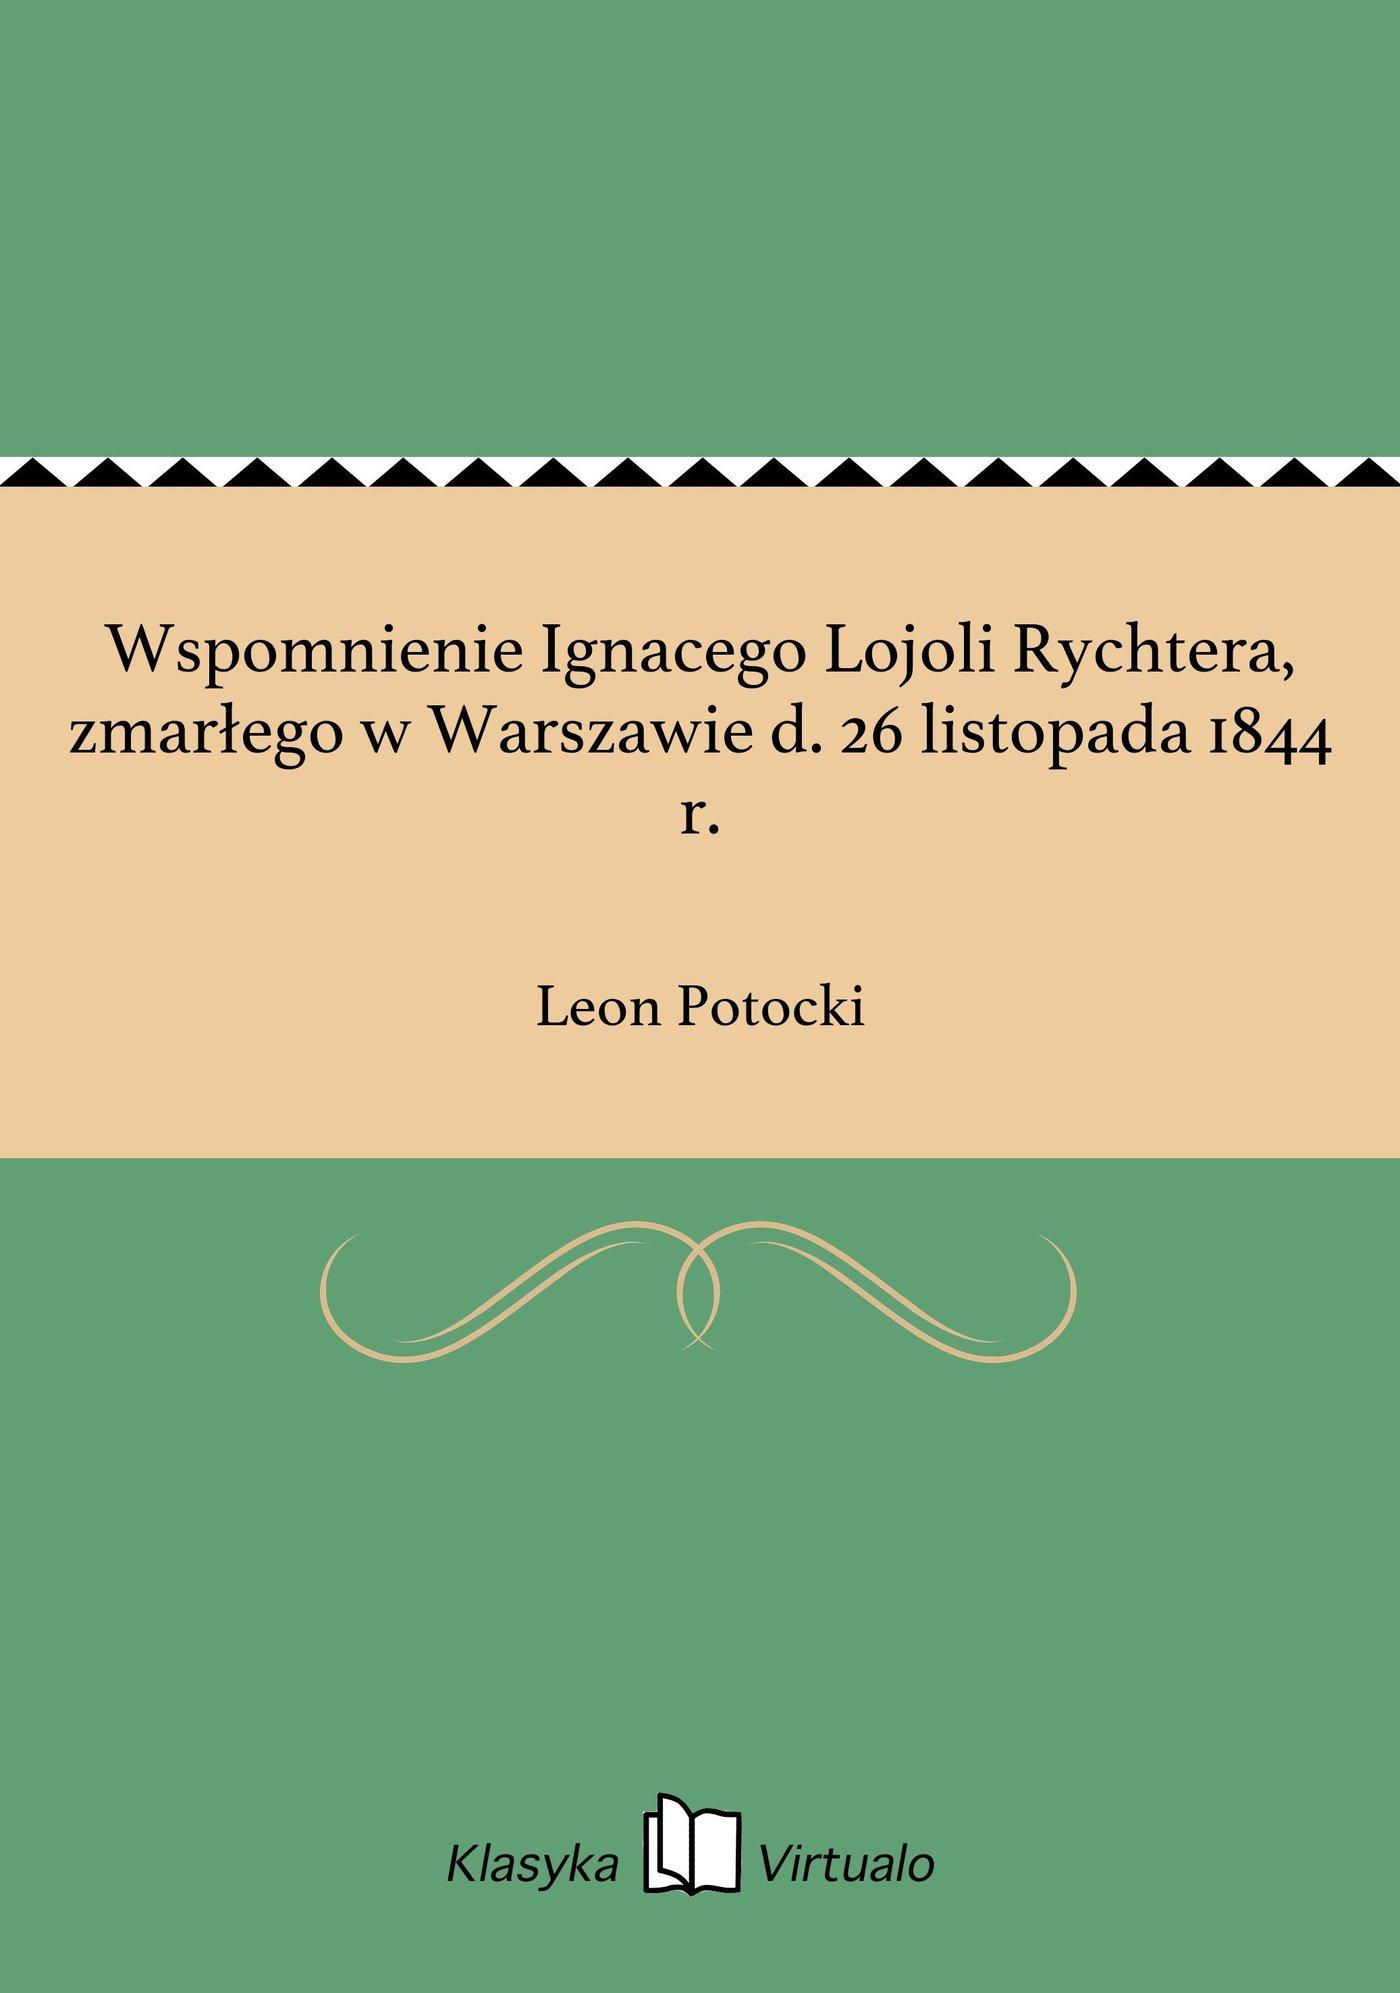 Wspomnienie Ignacego Lojoli Rychtera, zmarłego w Warszawie d. 26 listopada 1844 r. - Ebook (Książka EPUB) do pobrania w formacie EPUB